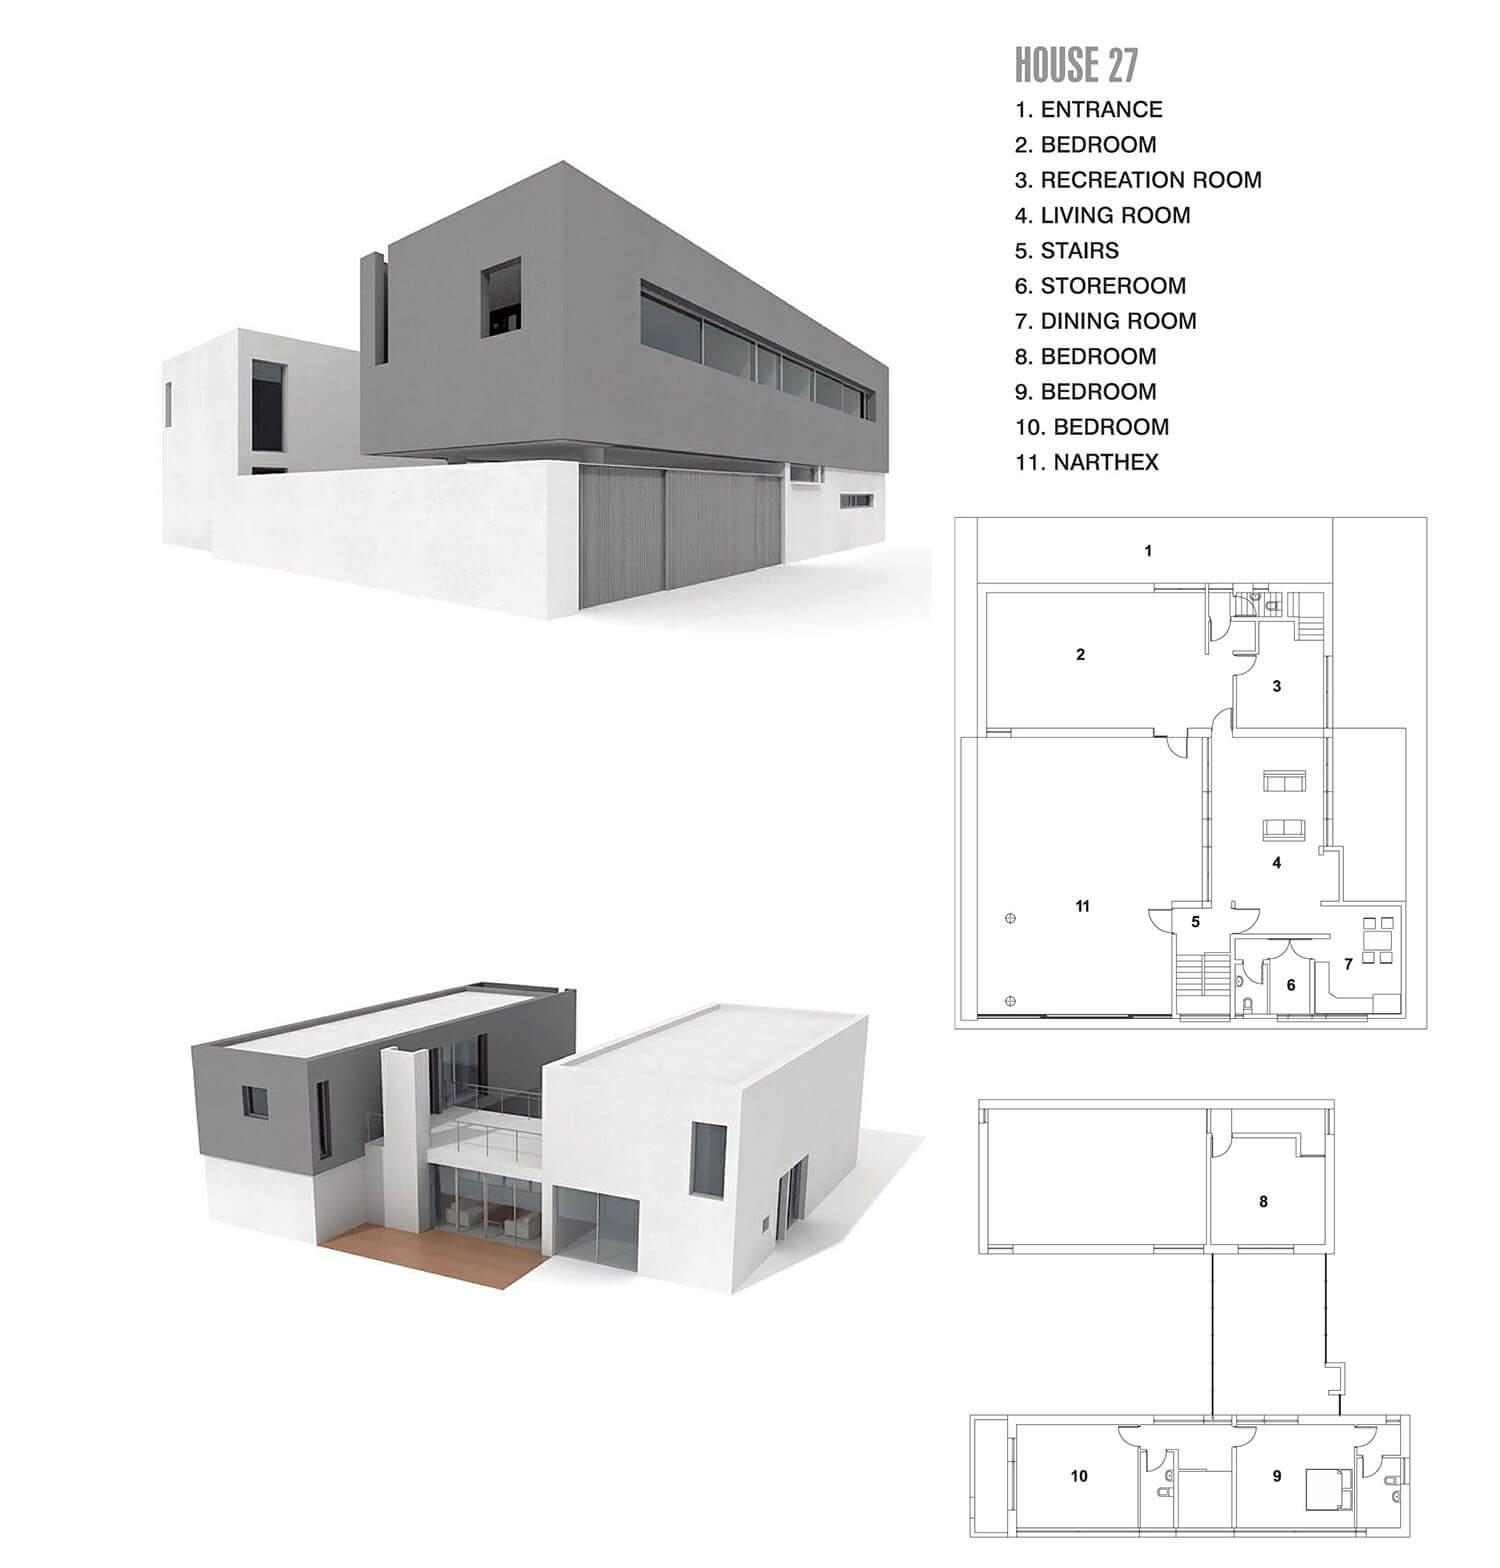 Căn nhà với 2 màu ghi và màu trắng, mảnh ghép của trò chơi xếp hình